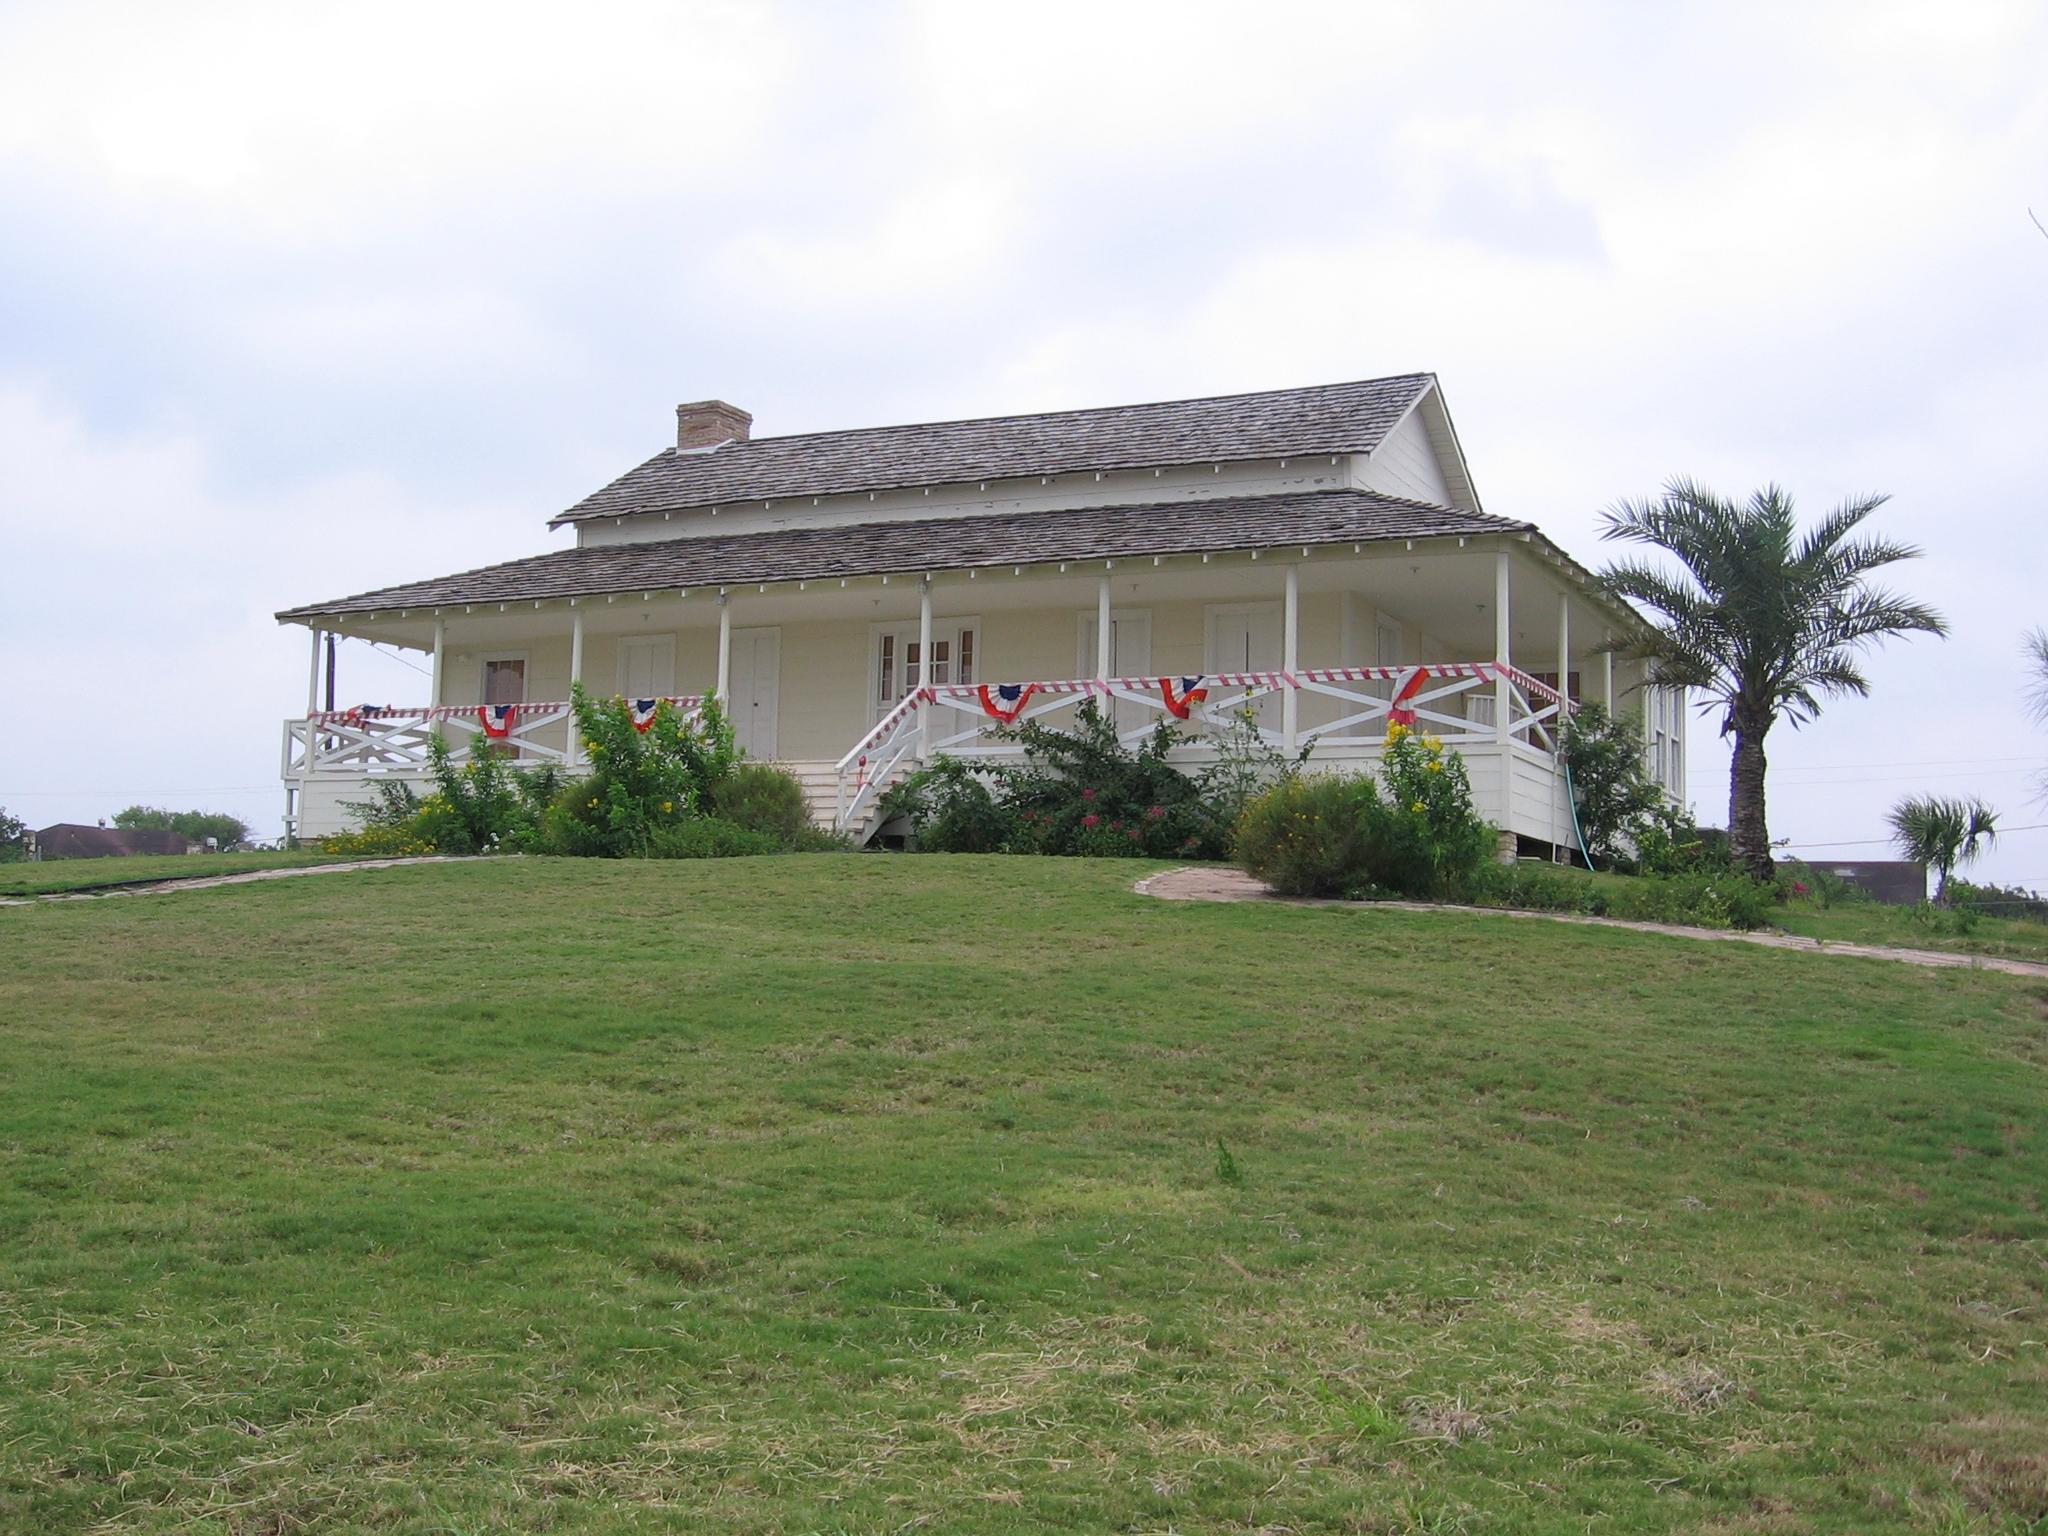 Robert e lee house 28 images robert e lee s house for Lee homes